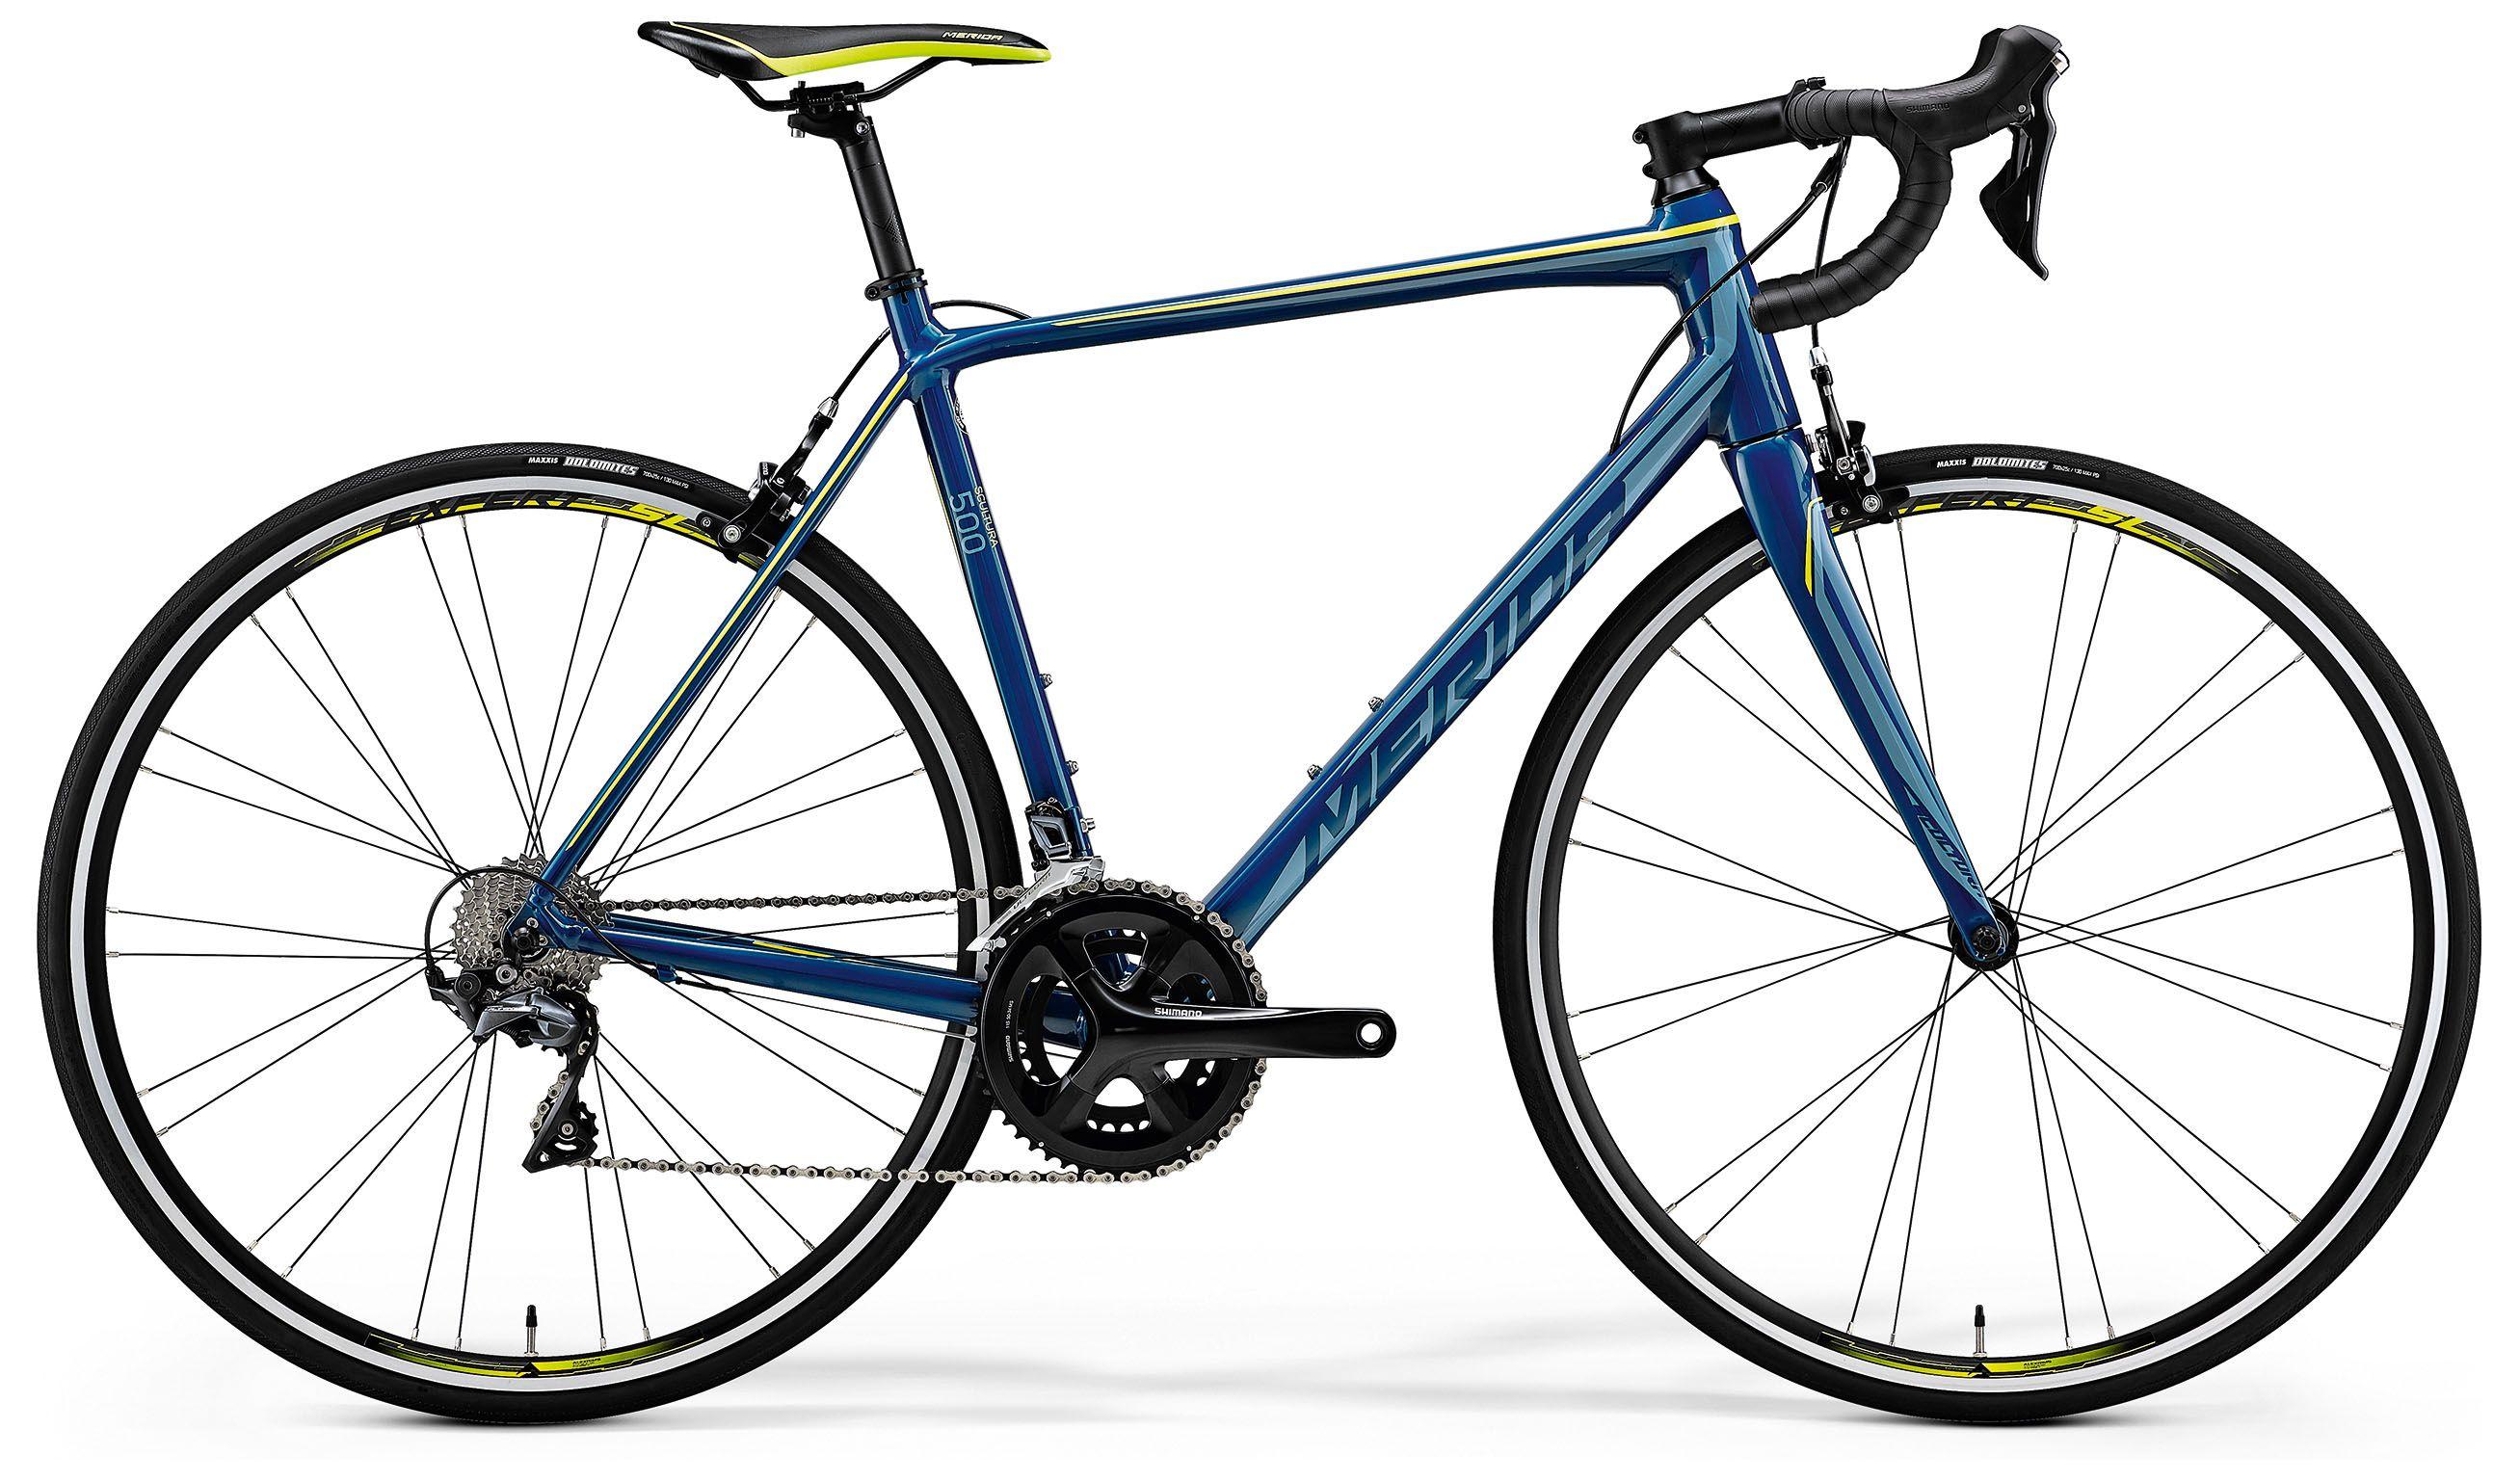 Велосипед Merida Scultura 500 2018 женский велосипед навигатор купить в пензе